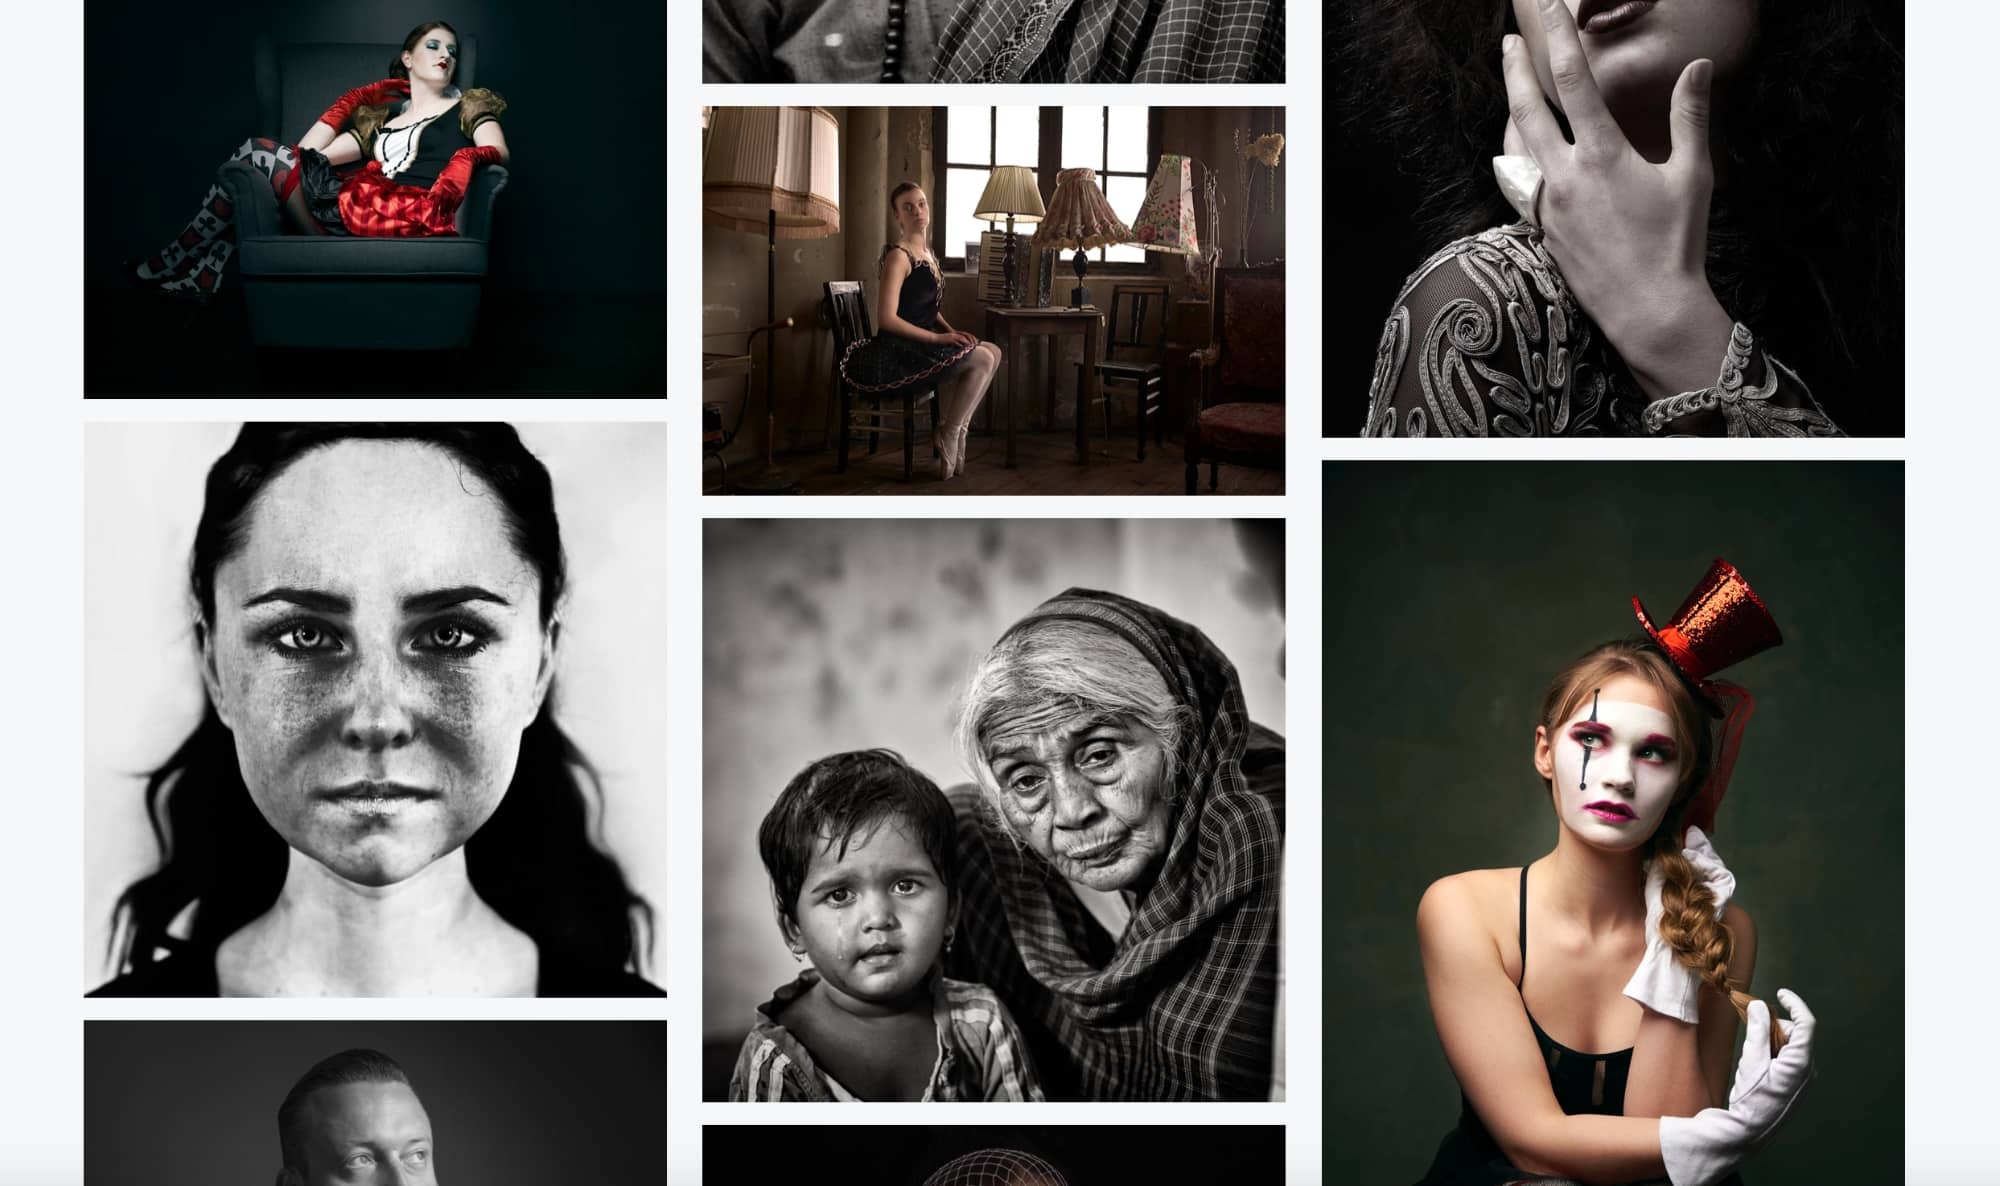 Pagina van website van Fotogalerie.nl